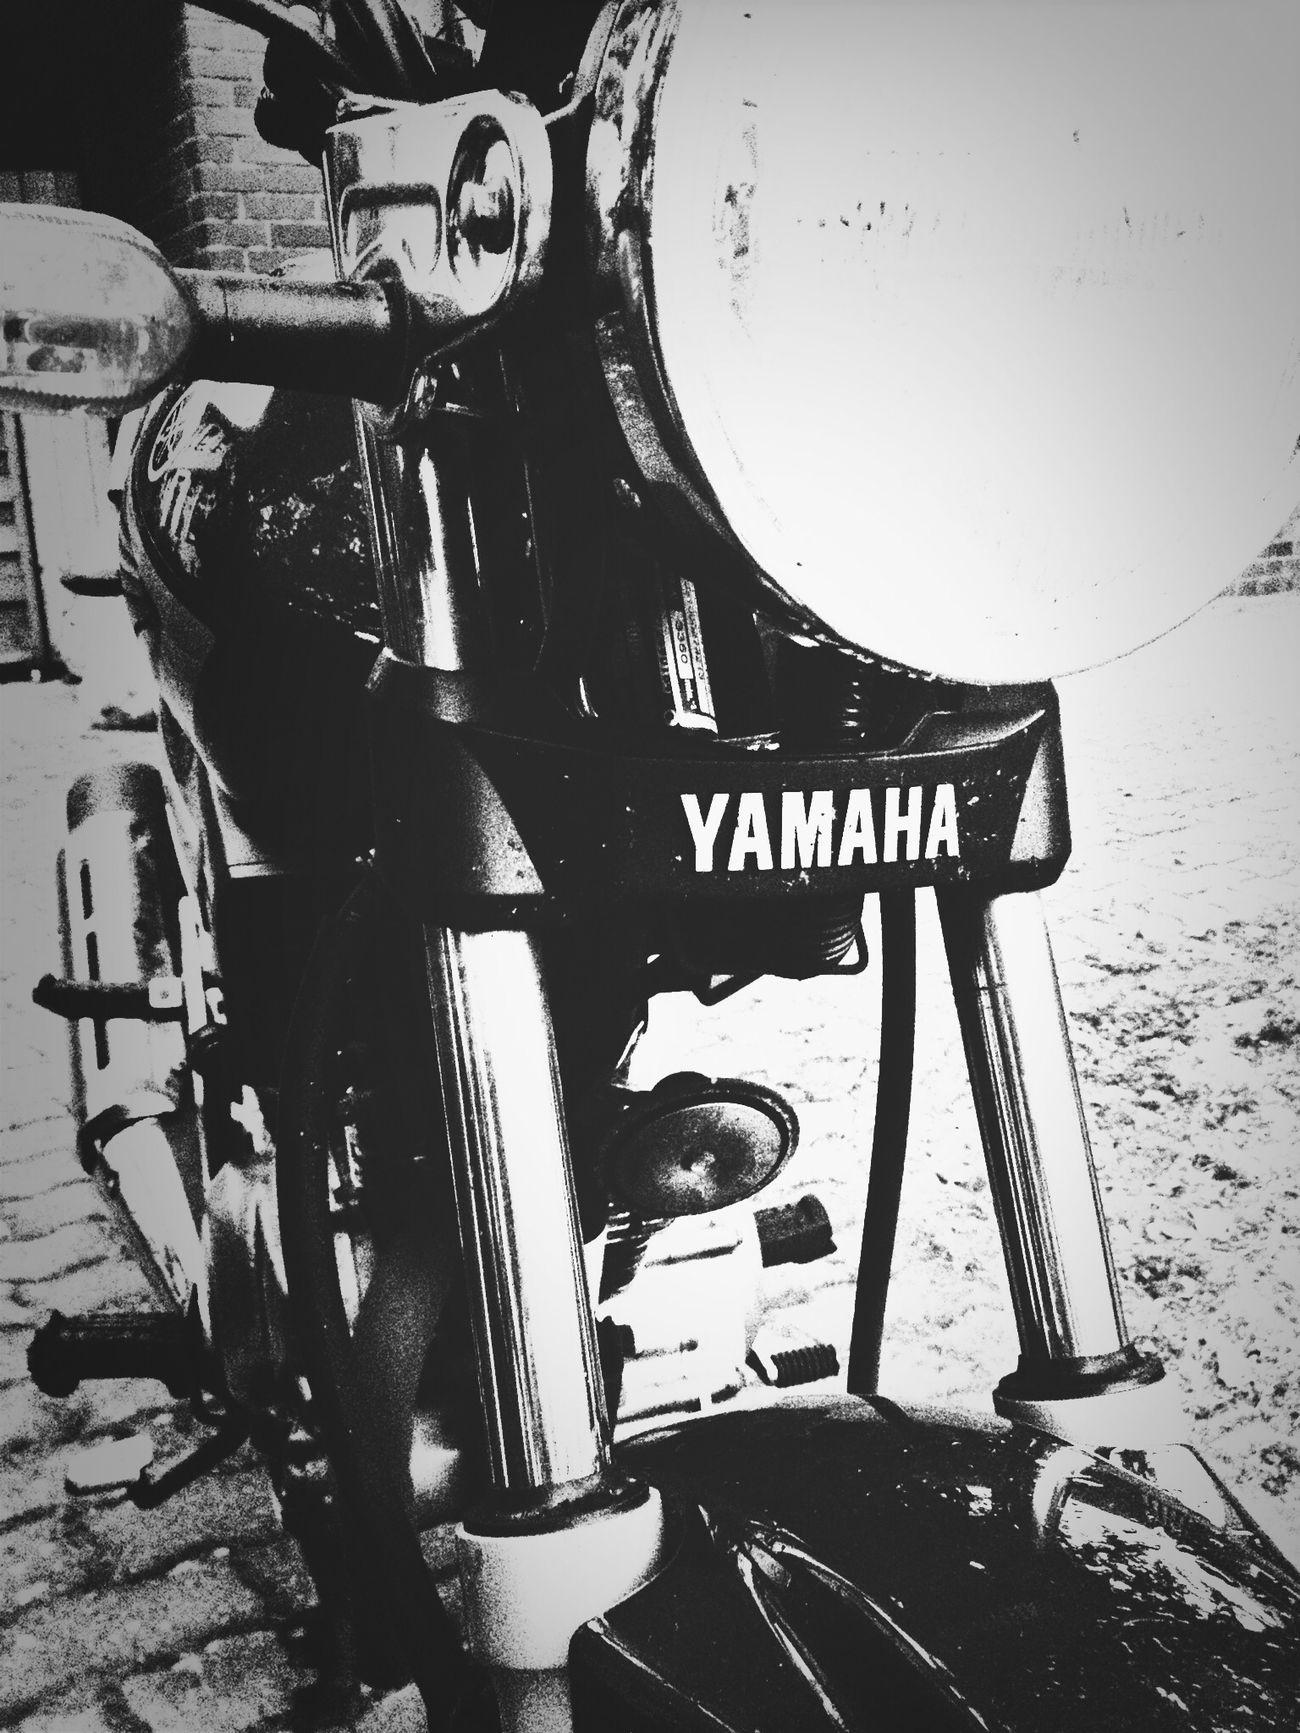 Motorcycles Yamaha Enjoying Life